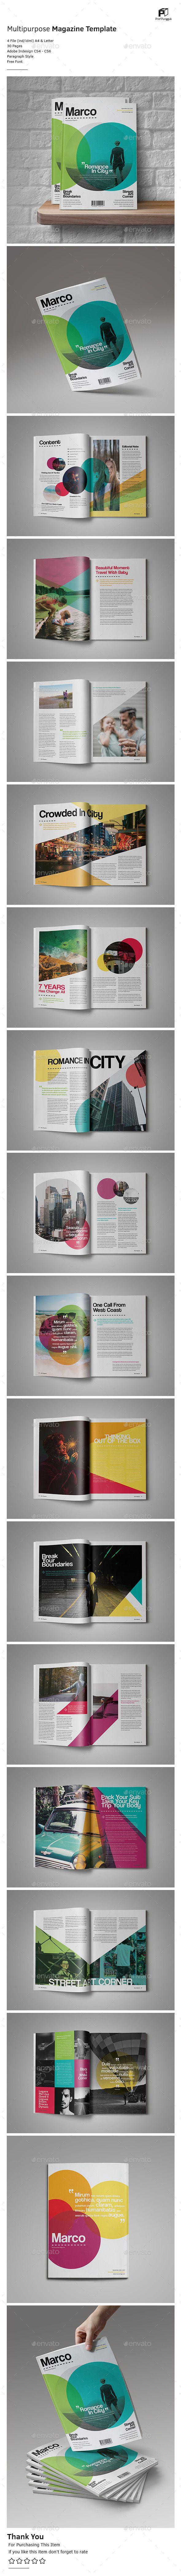 Catchy Magazine Vol.5 | Diseño editorial y Editorial